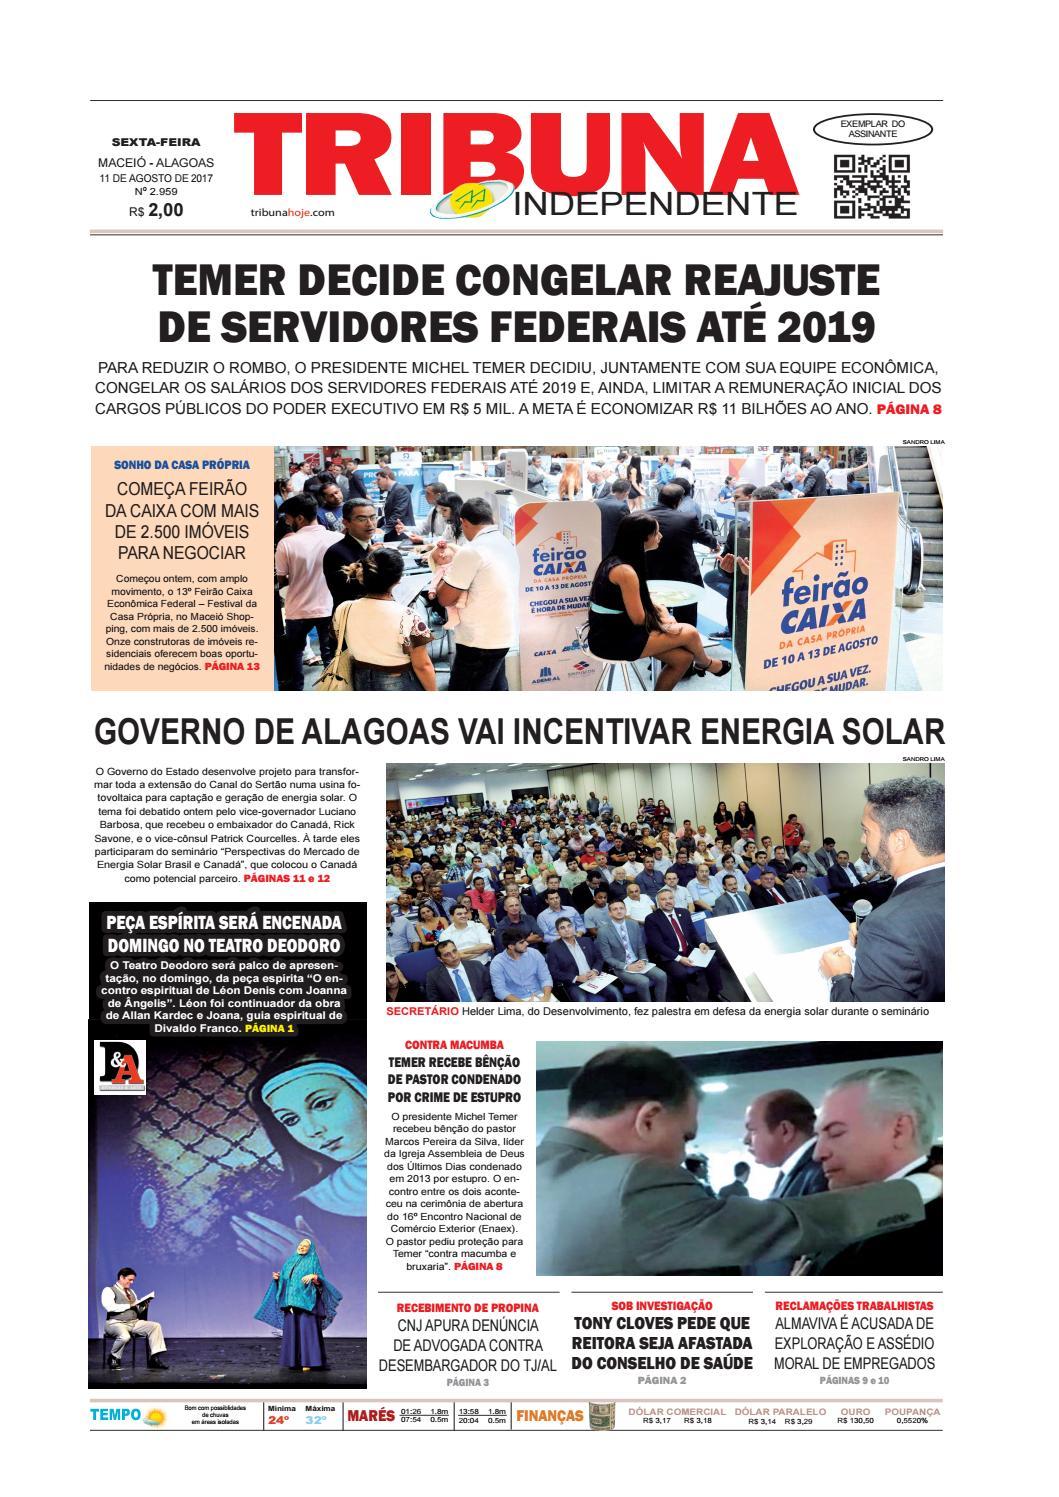 46b6631c7f0 Edição número 2959 - 11 de agosto de 2017 by Tribuna Hoje - issuu